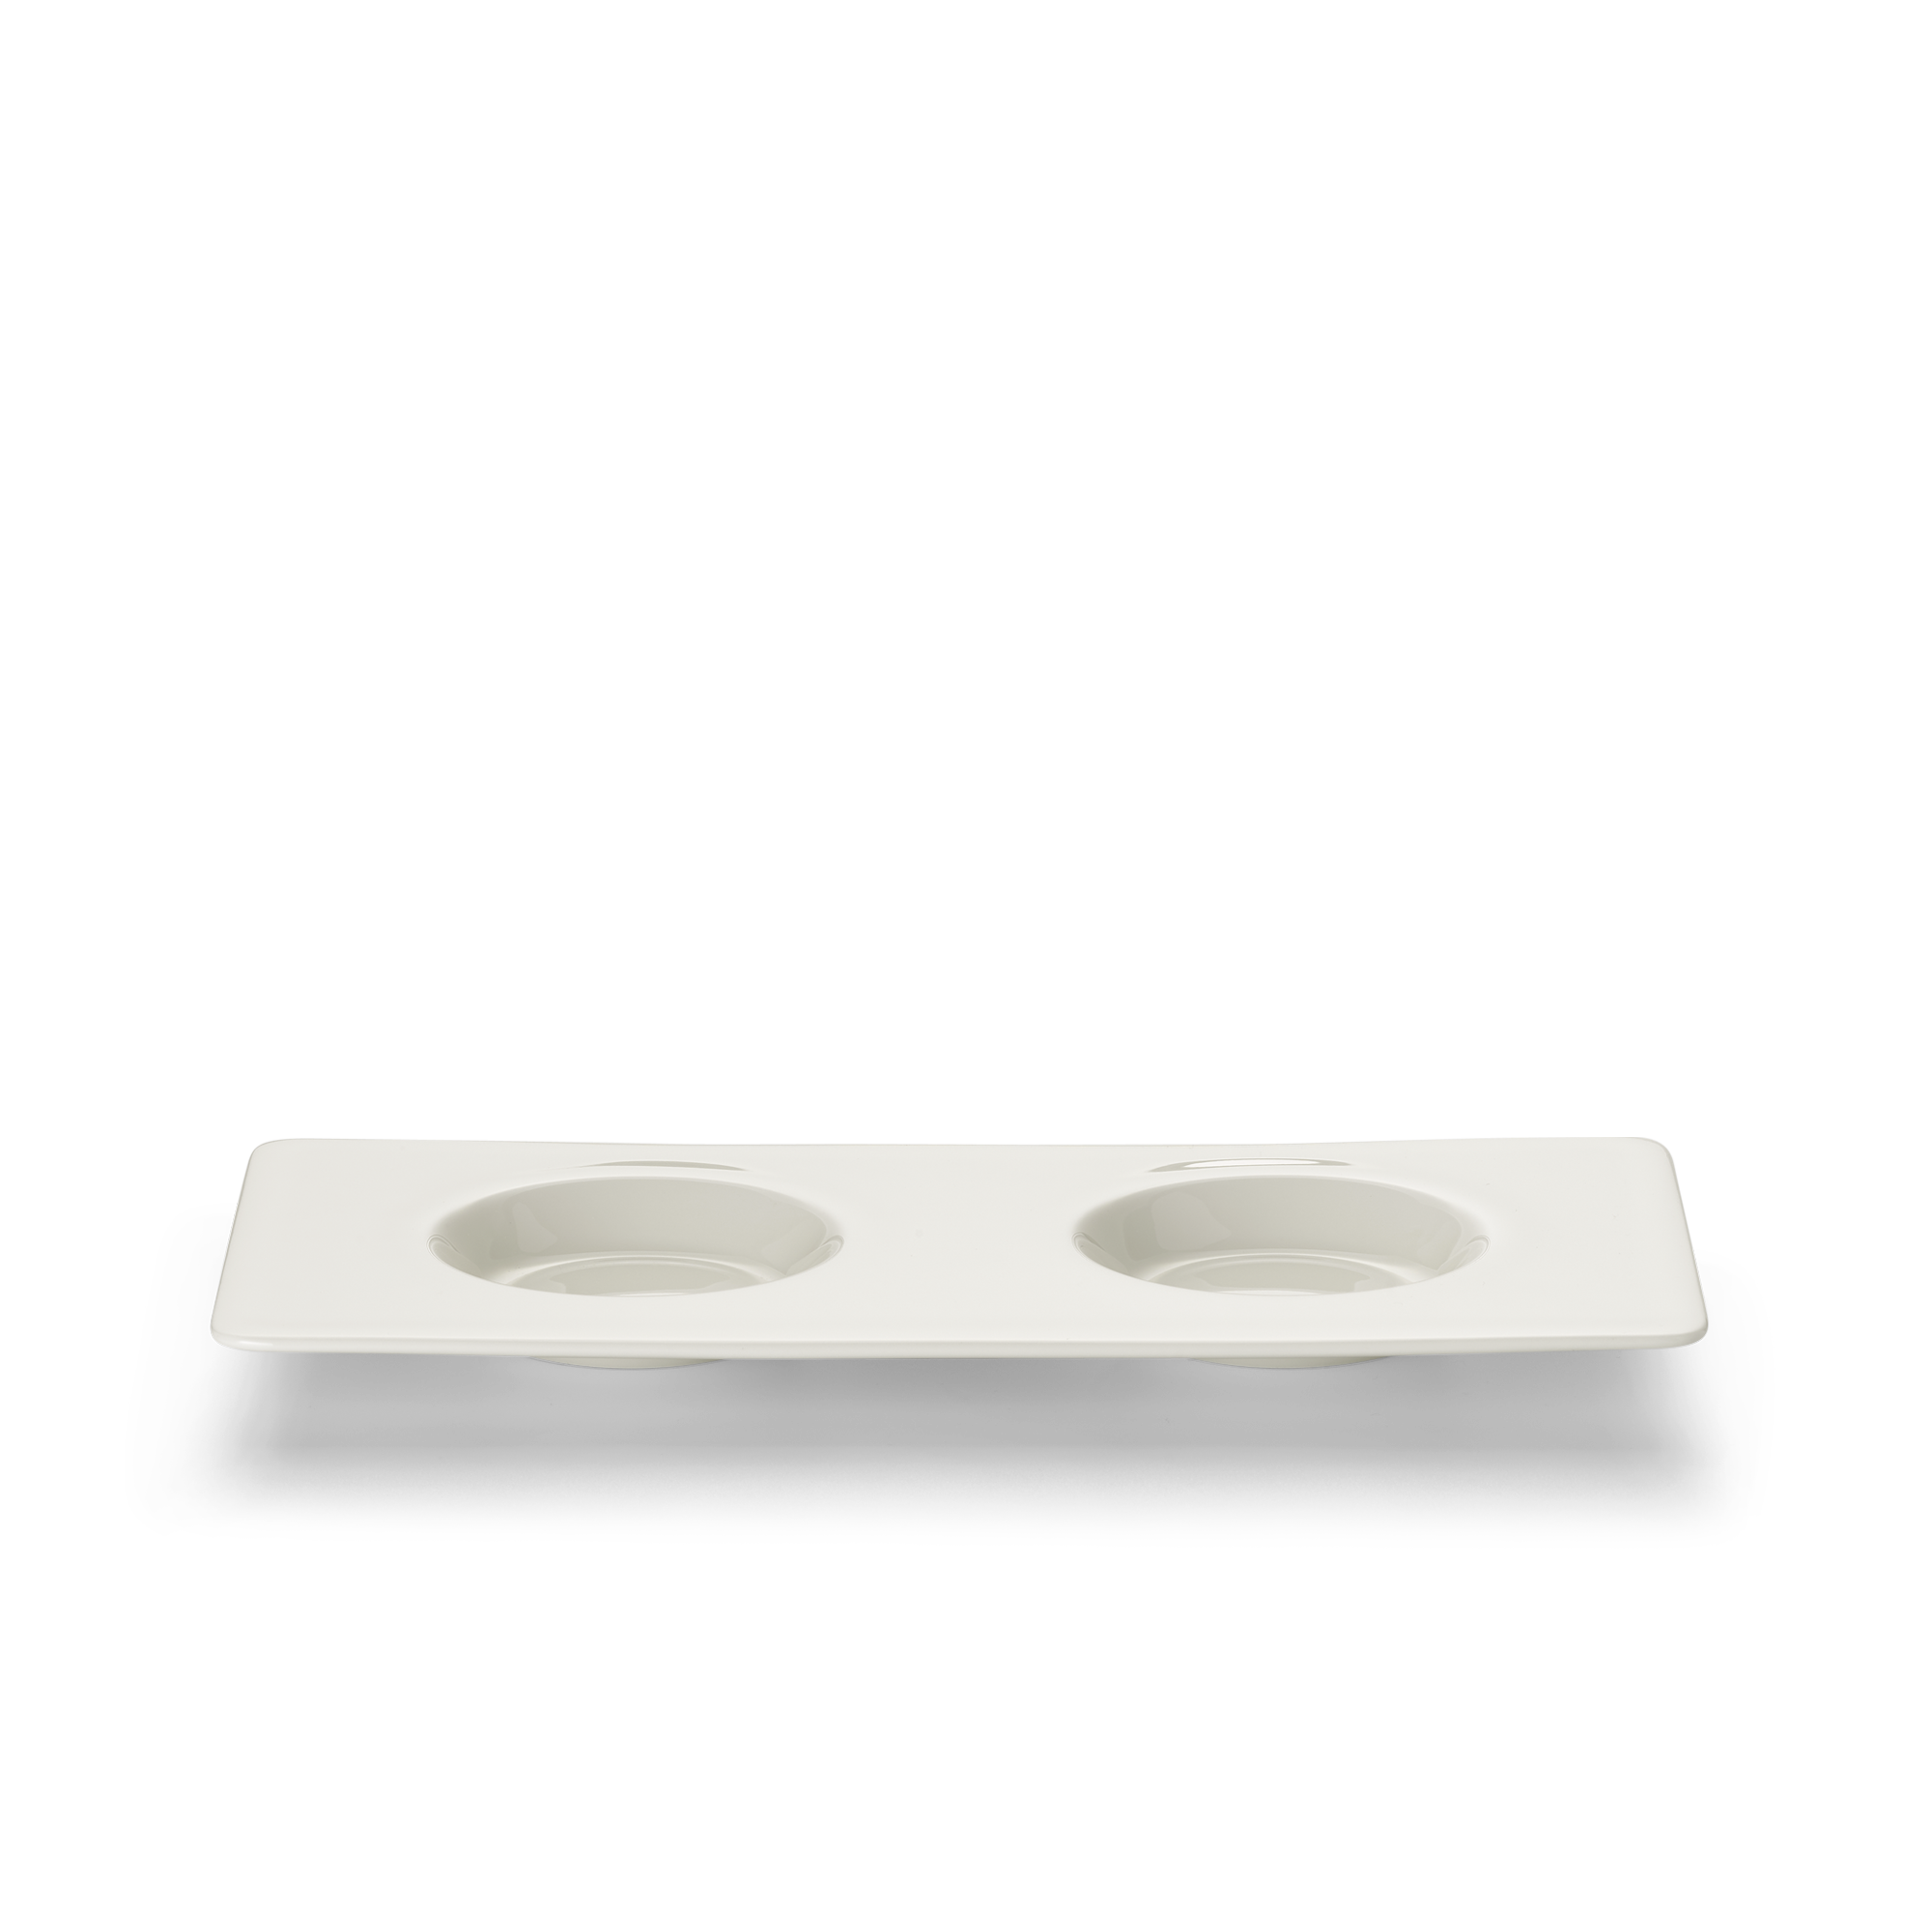 Tablett 12x25 cm mit 2 Spiegeln Fine Bone China Konisch-Zylindrisch Weiss Dibbern